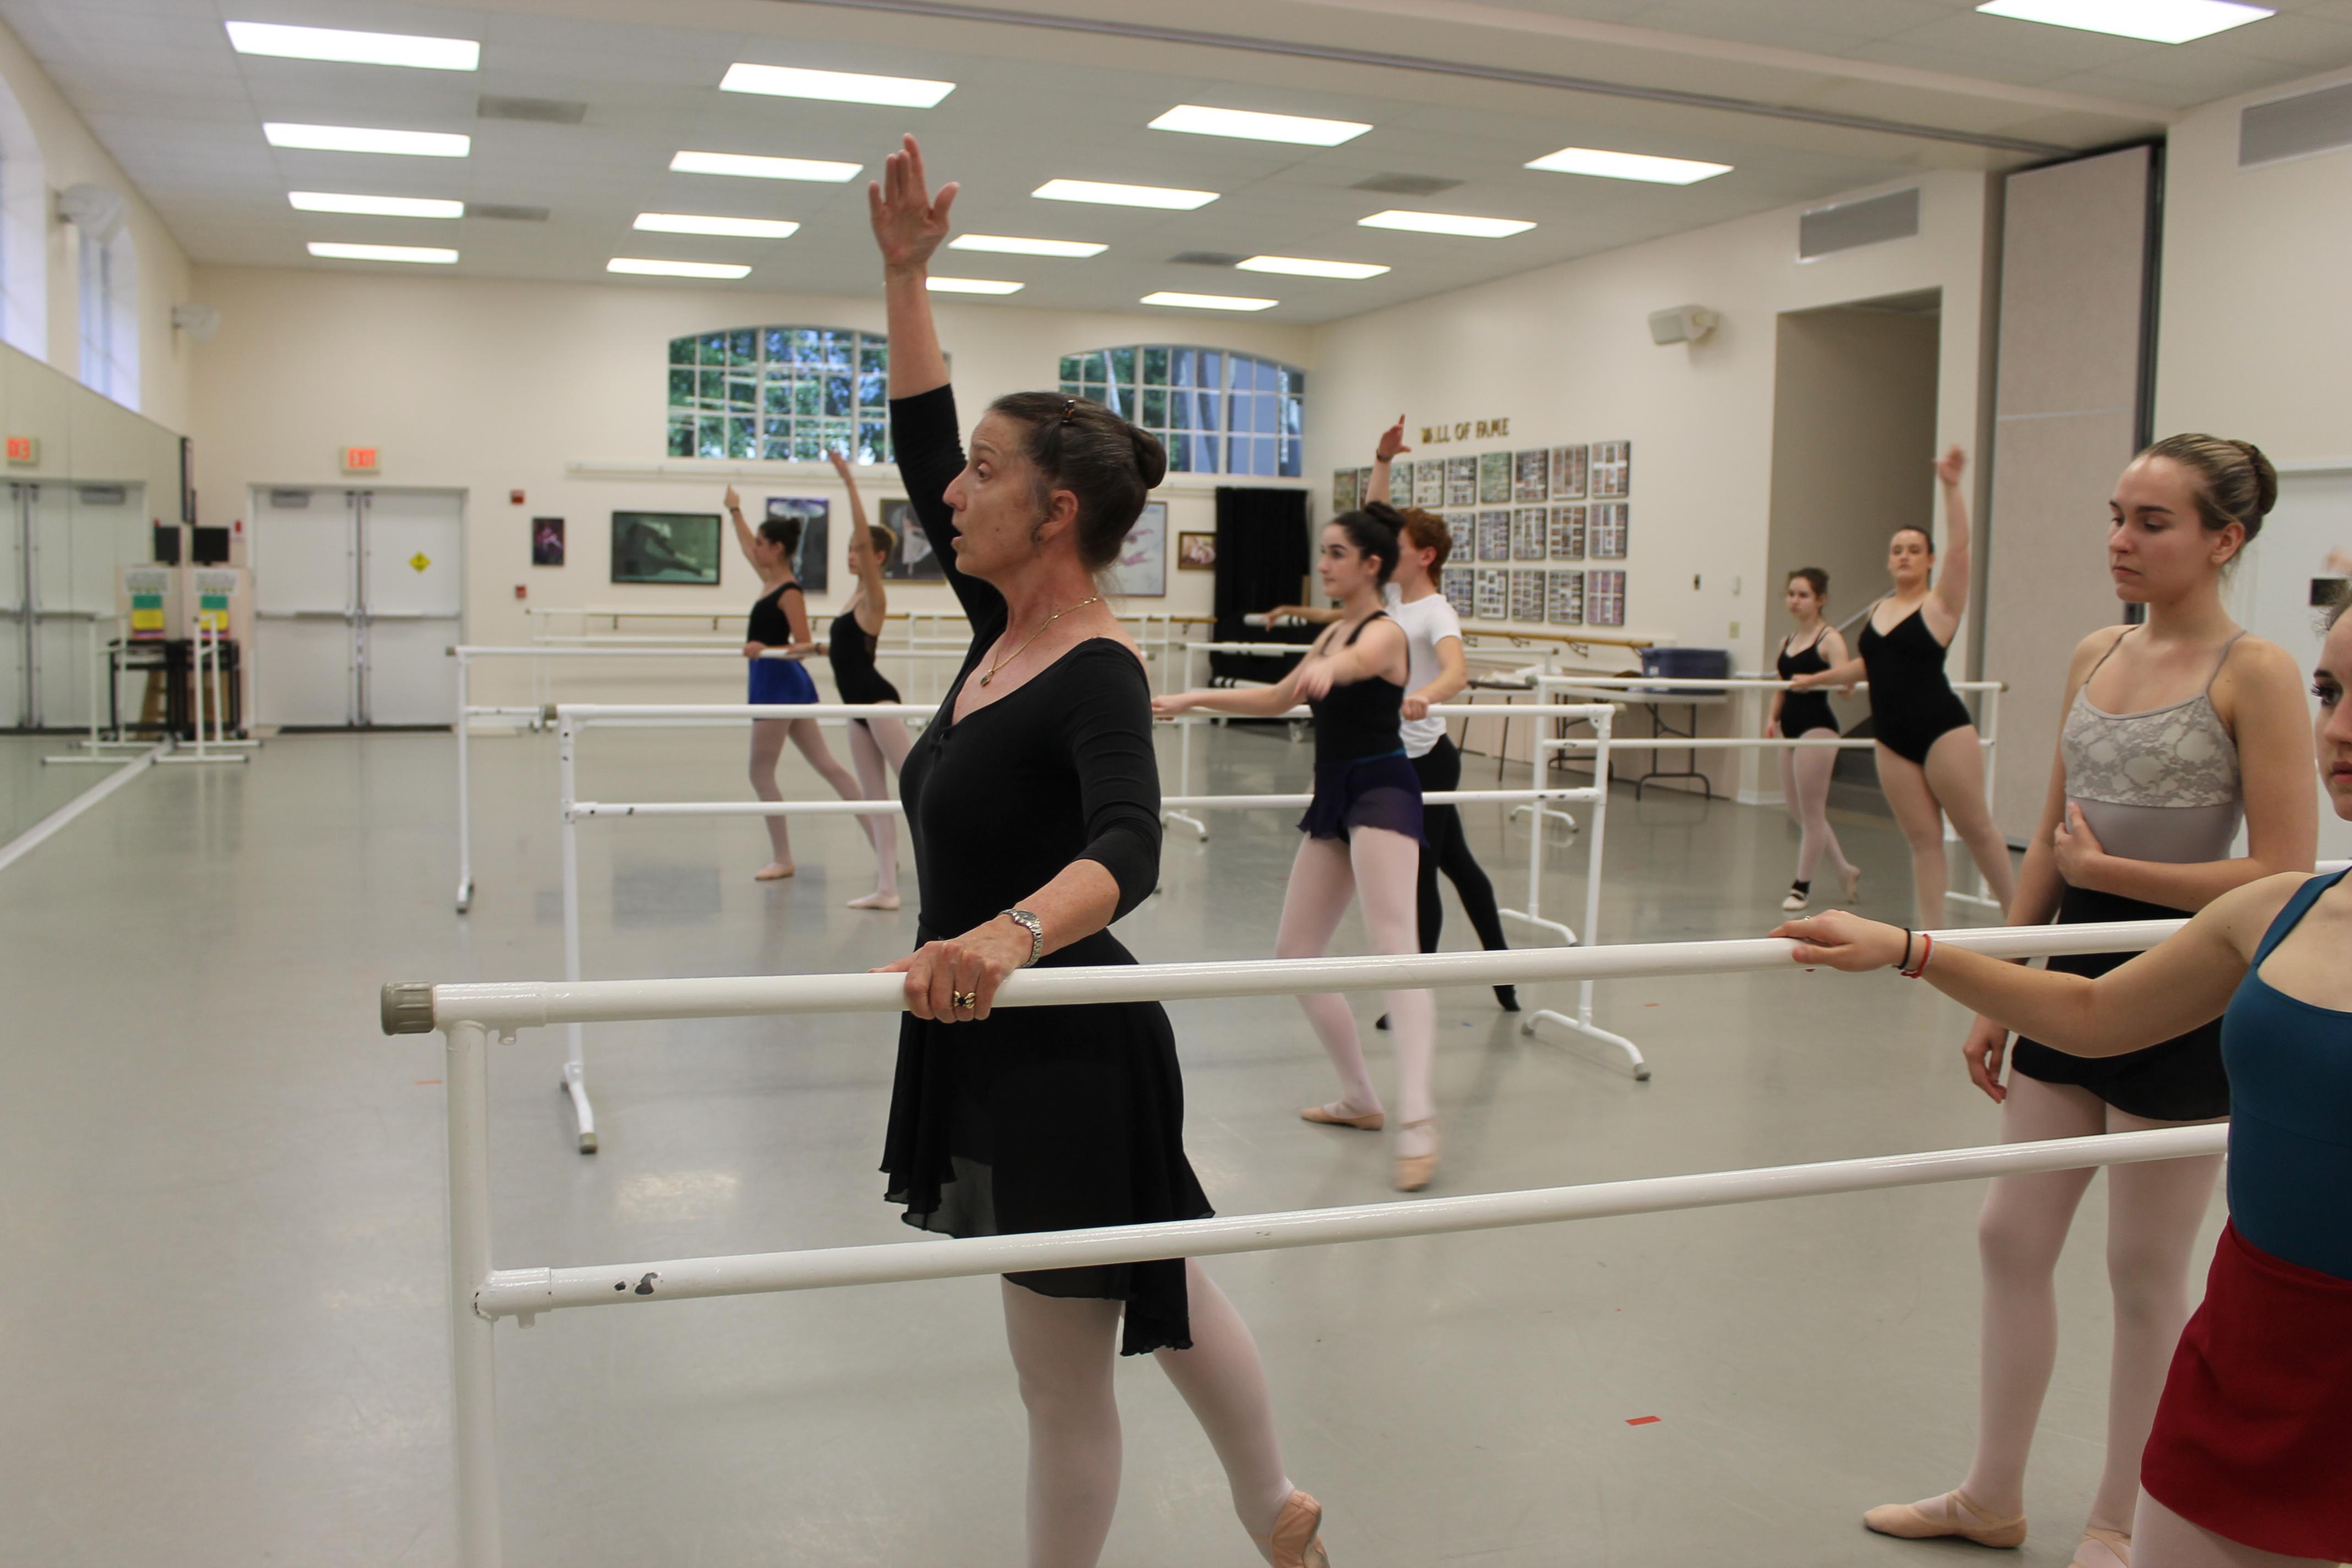 brenda-gooden-dance-class